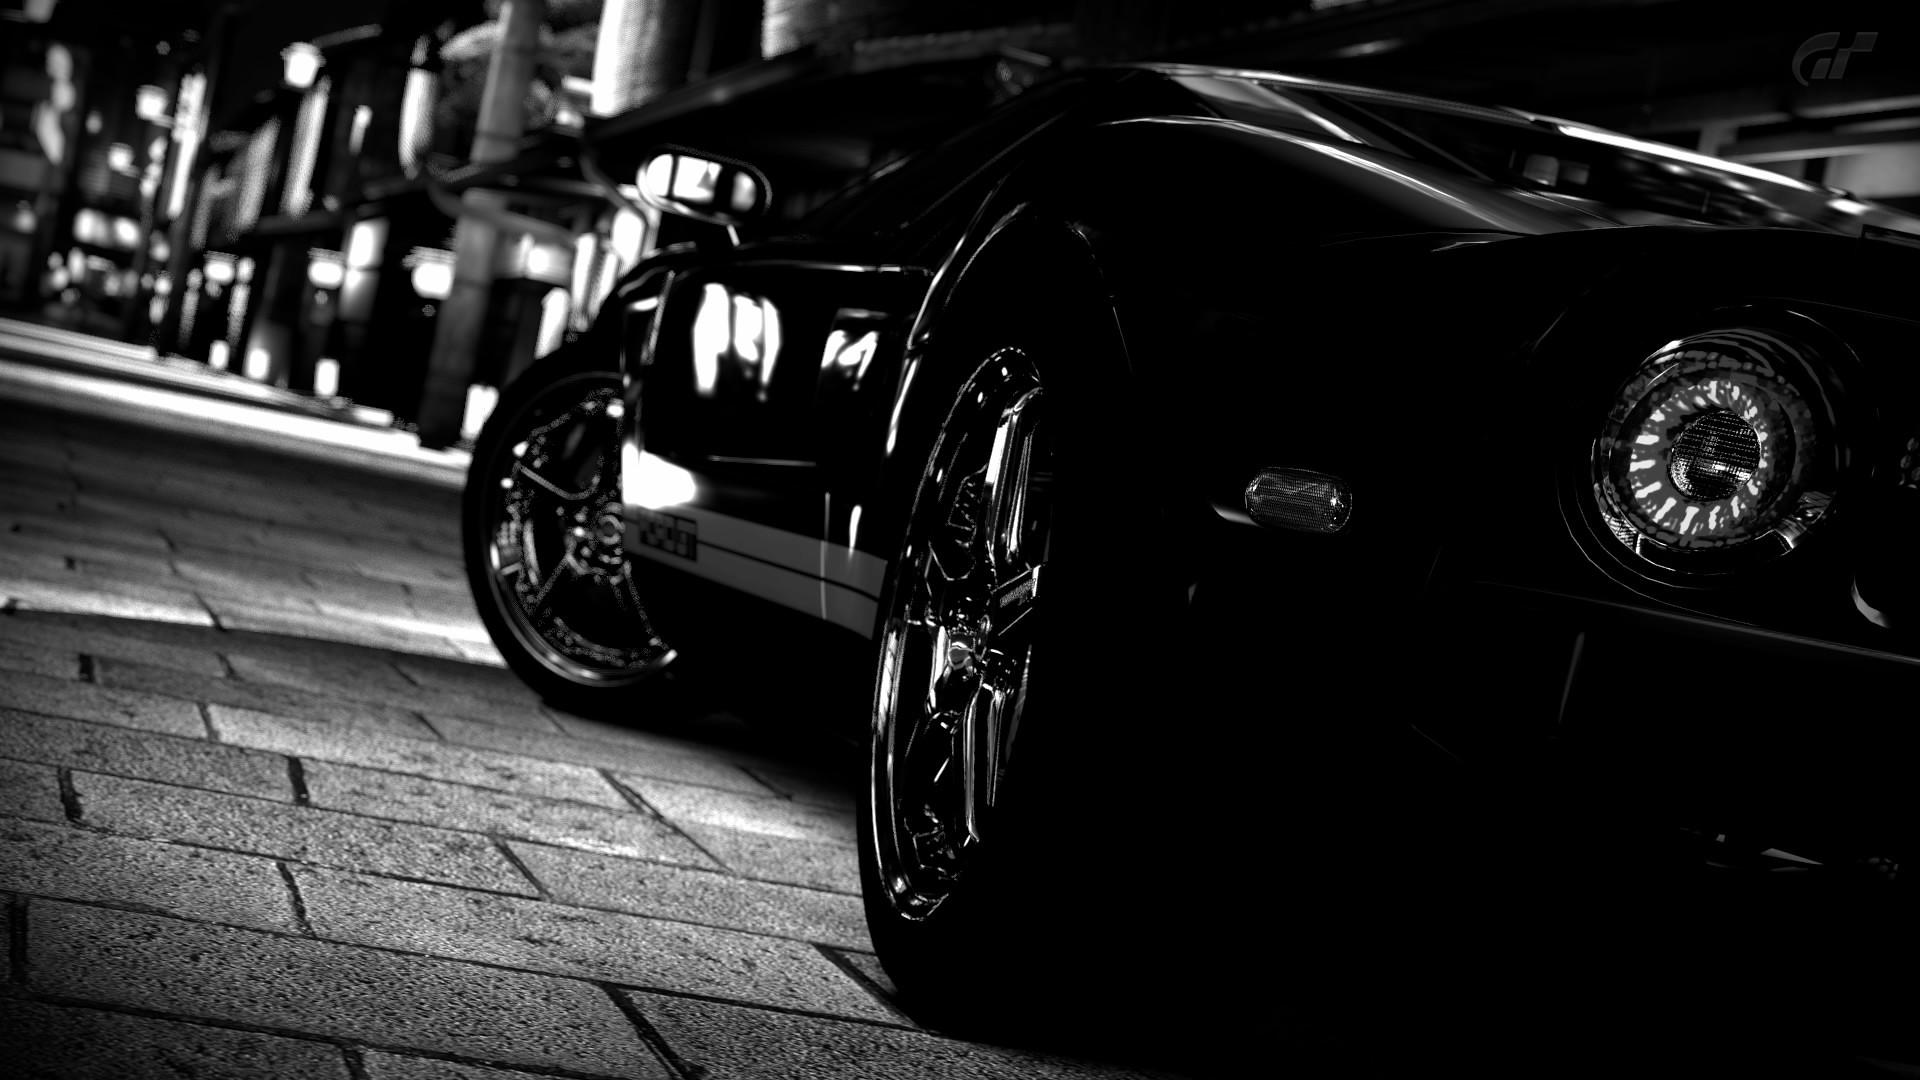 Черный стильный автомобиль онлайн